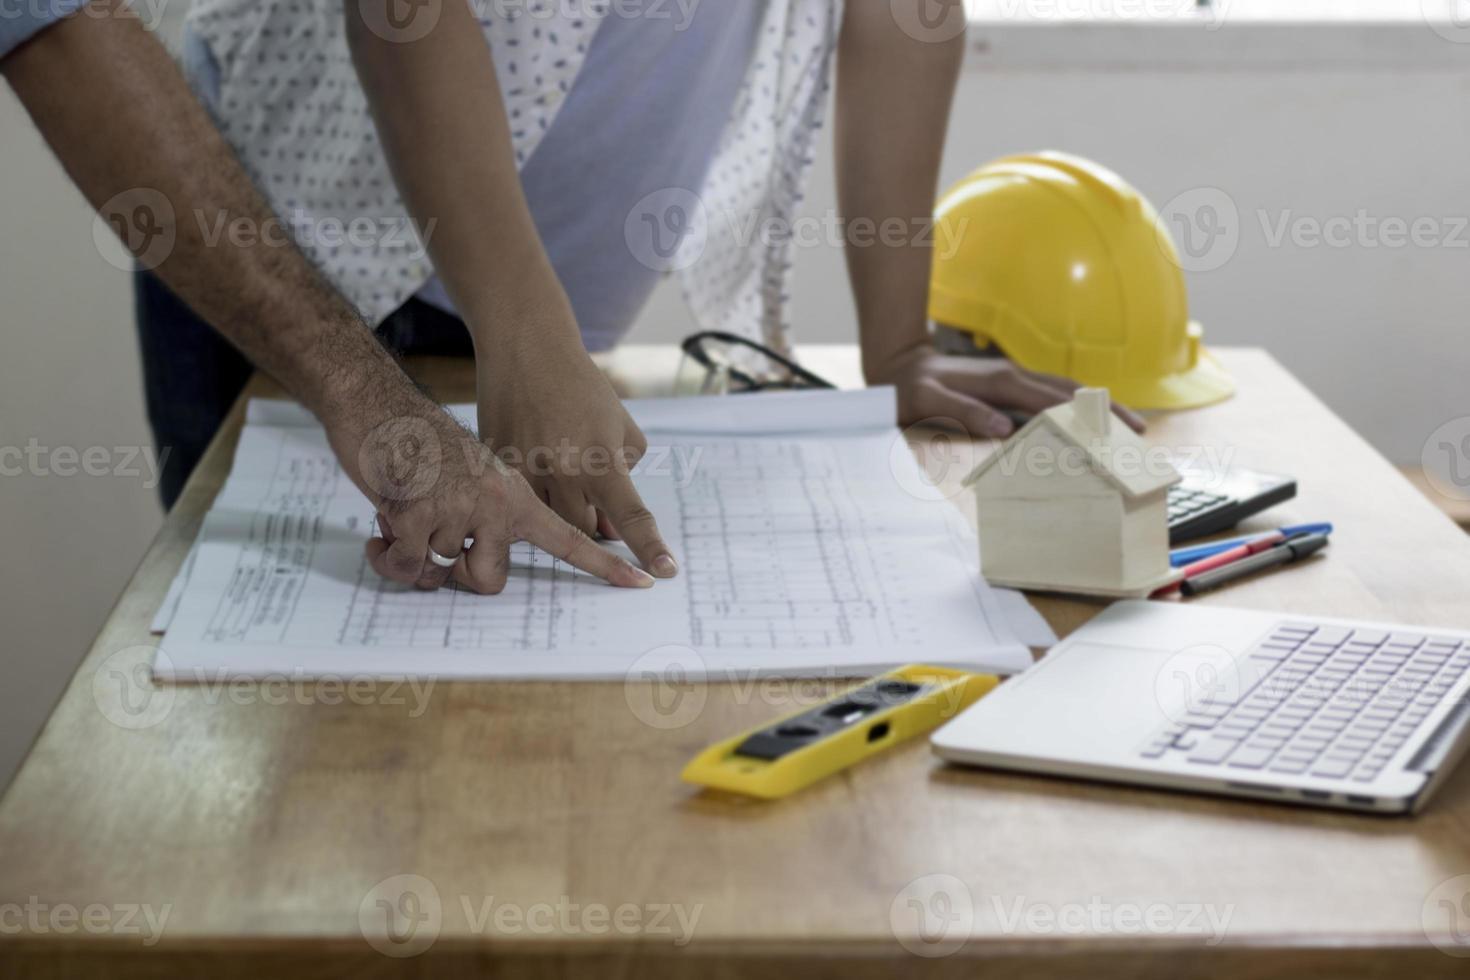 Ingénieurs discutant et planifiant sur la table de travail photo